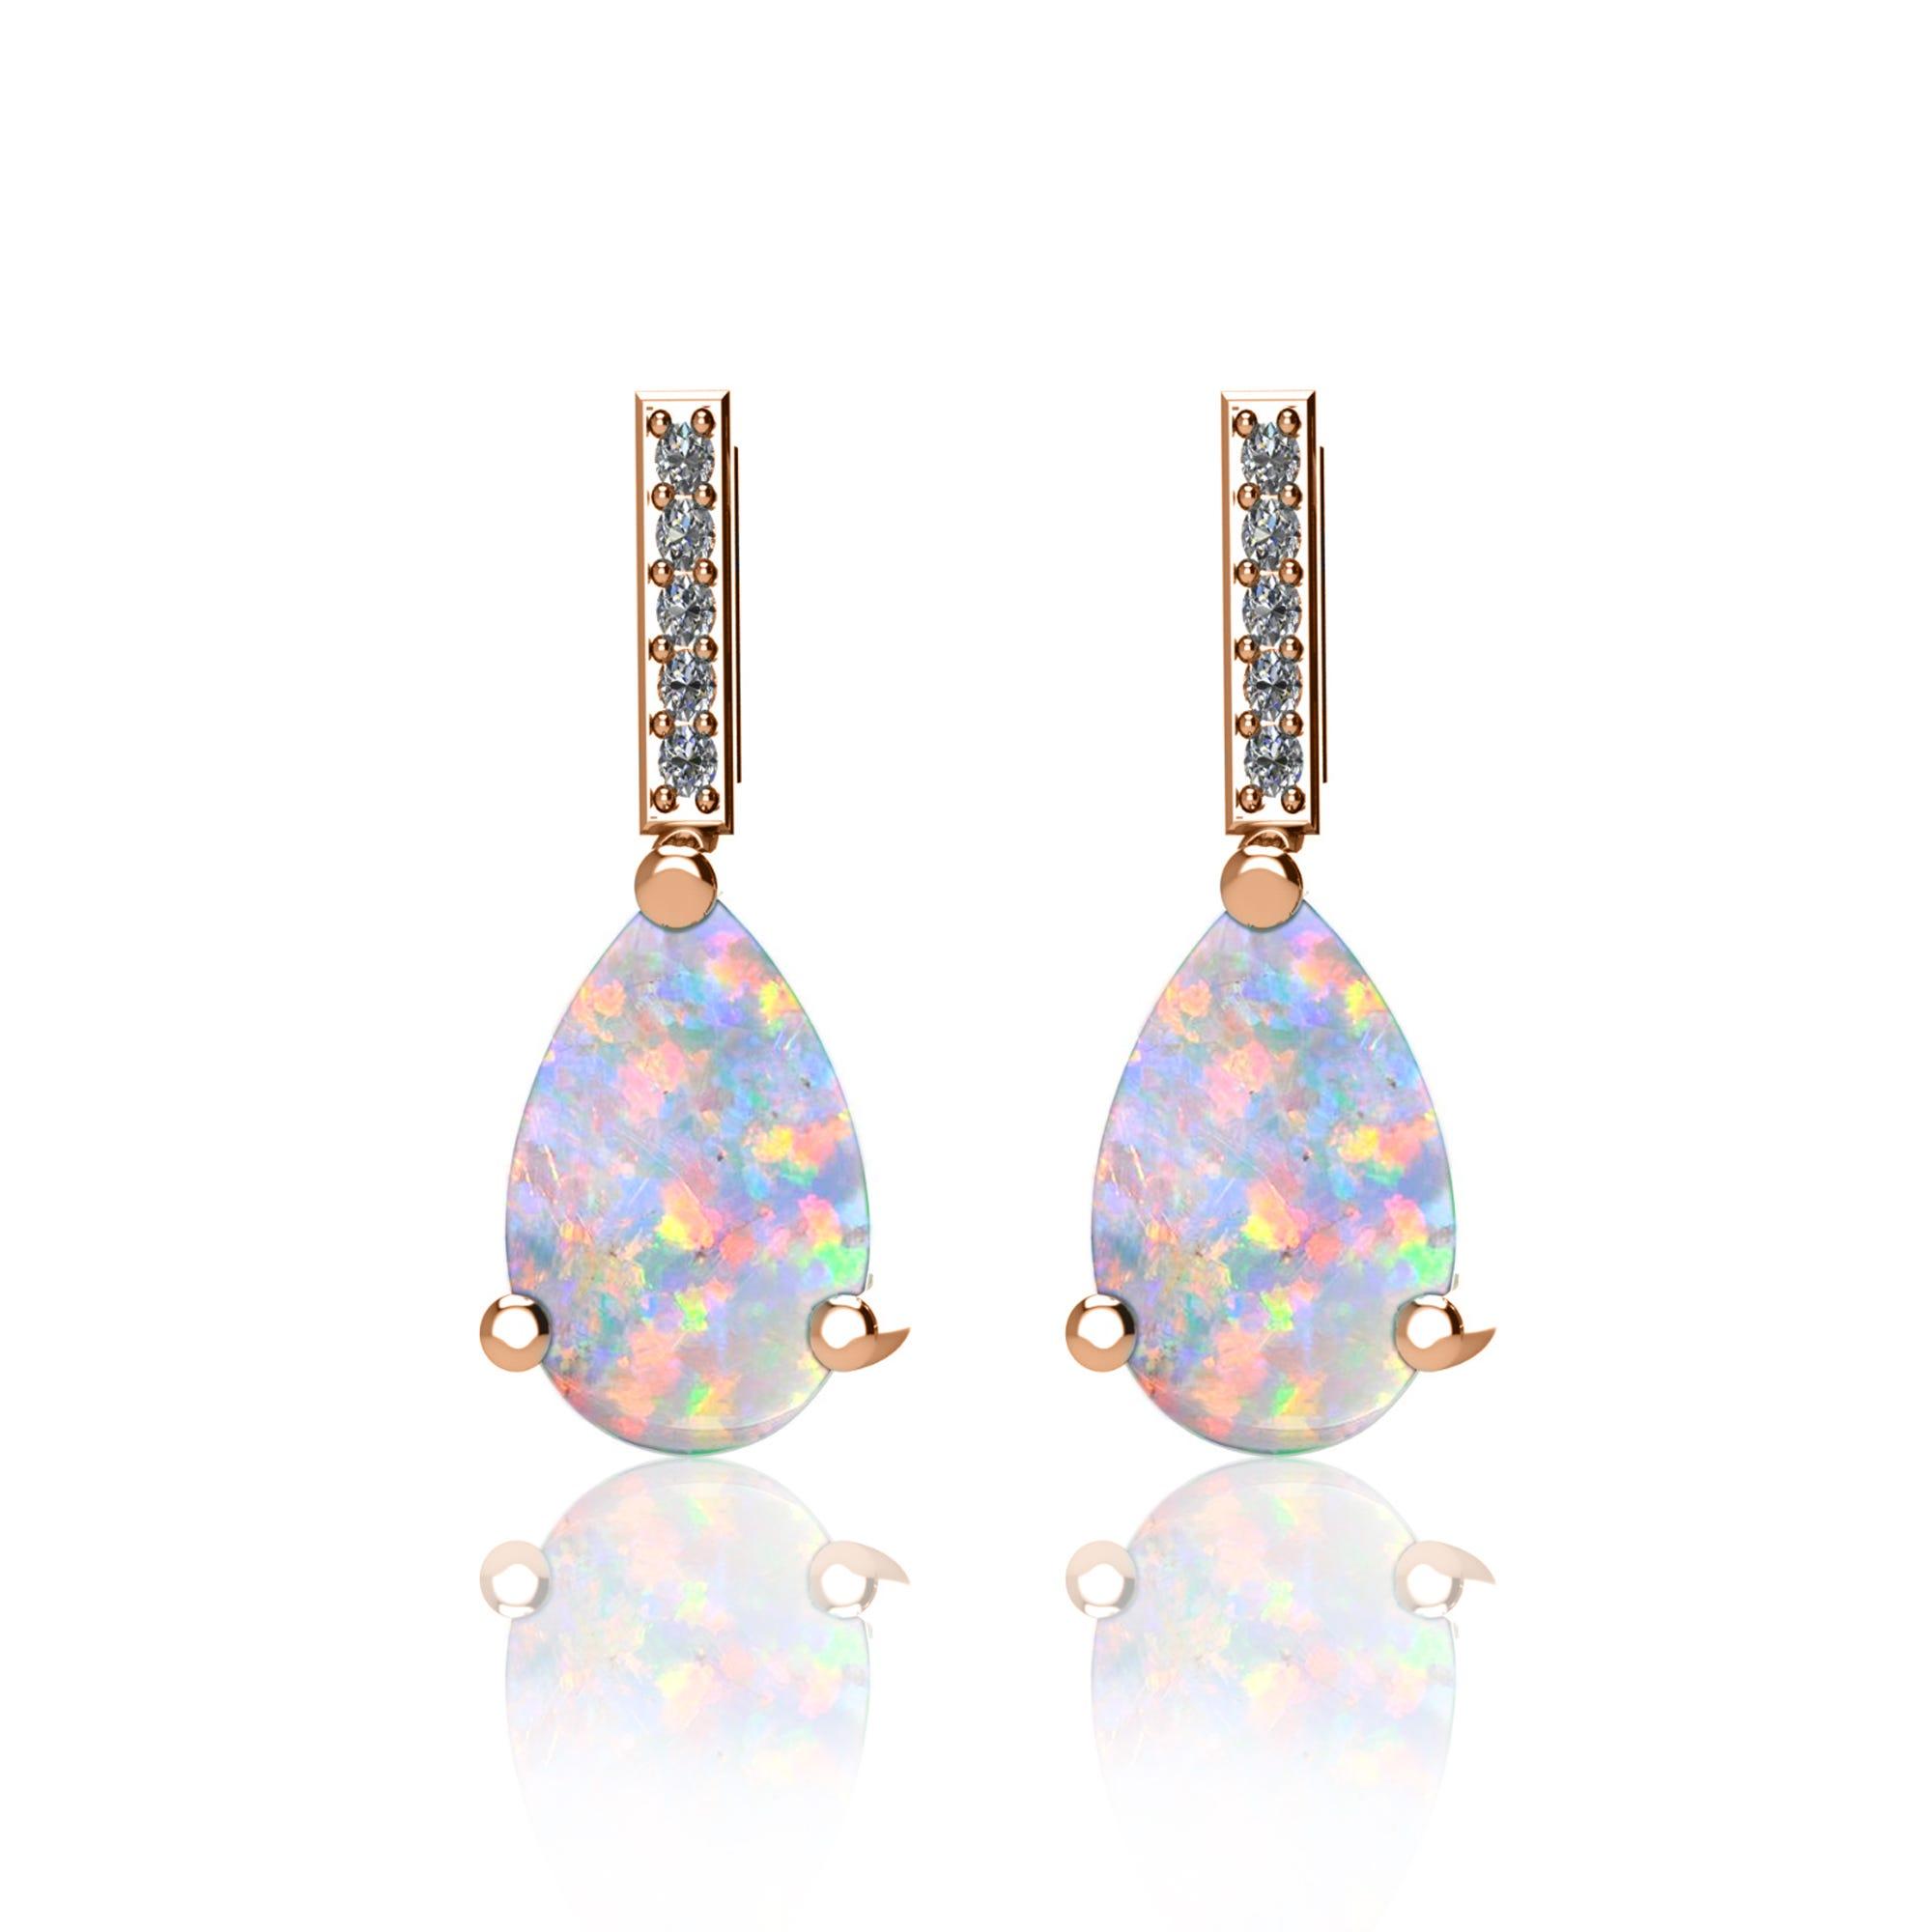 Pear-Shaped Created Opal Gemstone & Diamond Drop Earrings in 10k Rose Gold